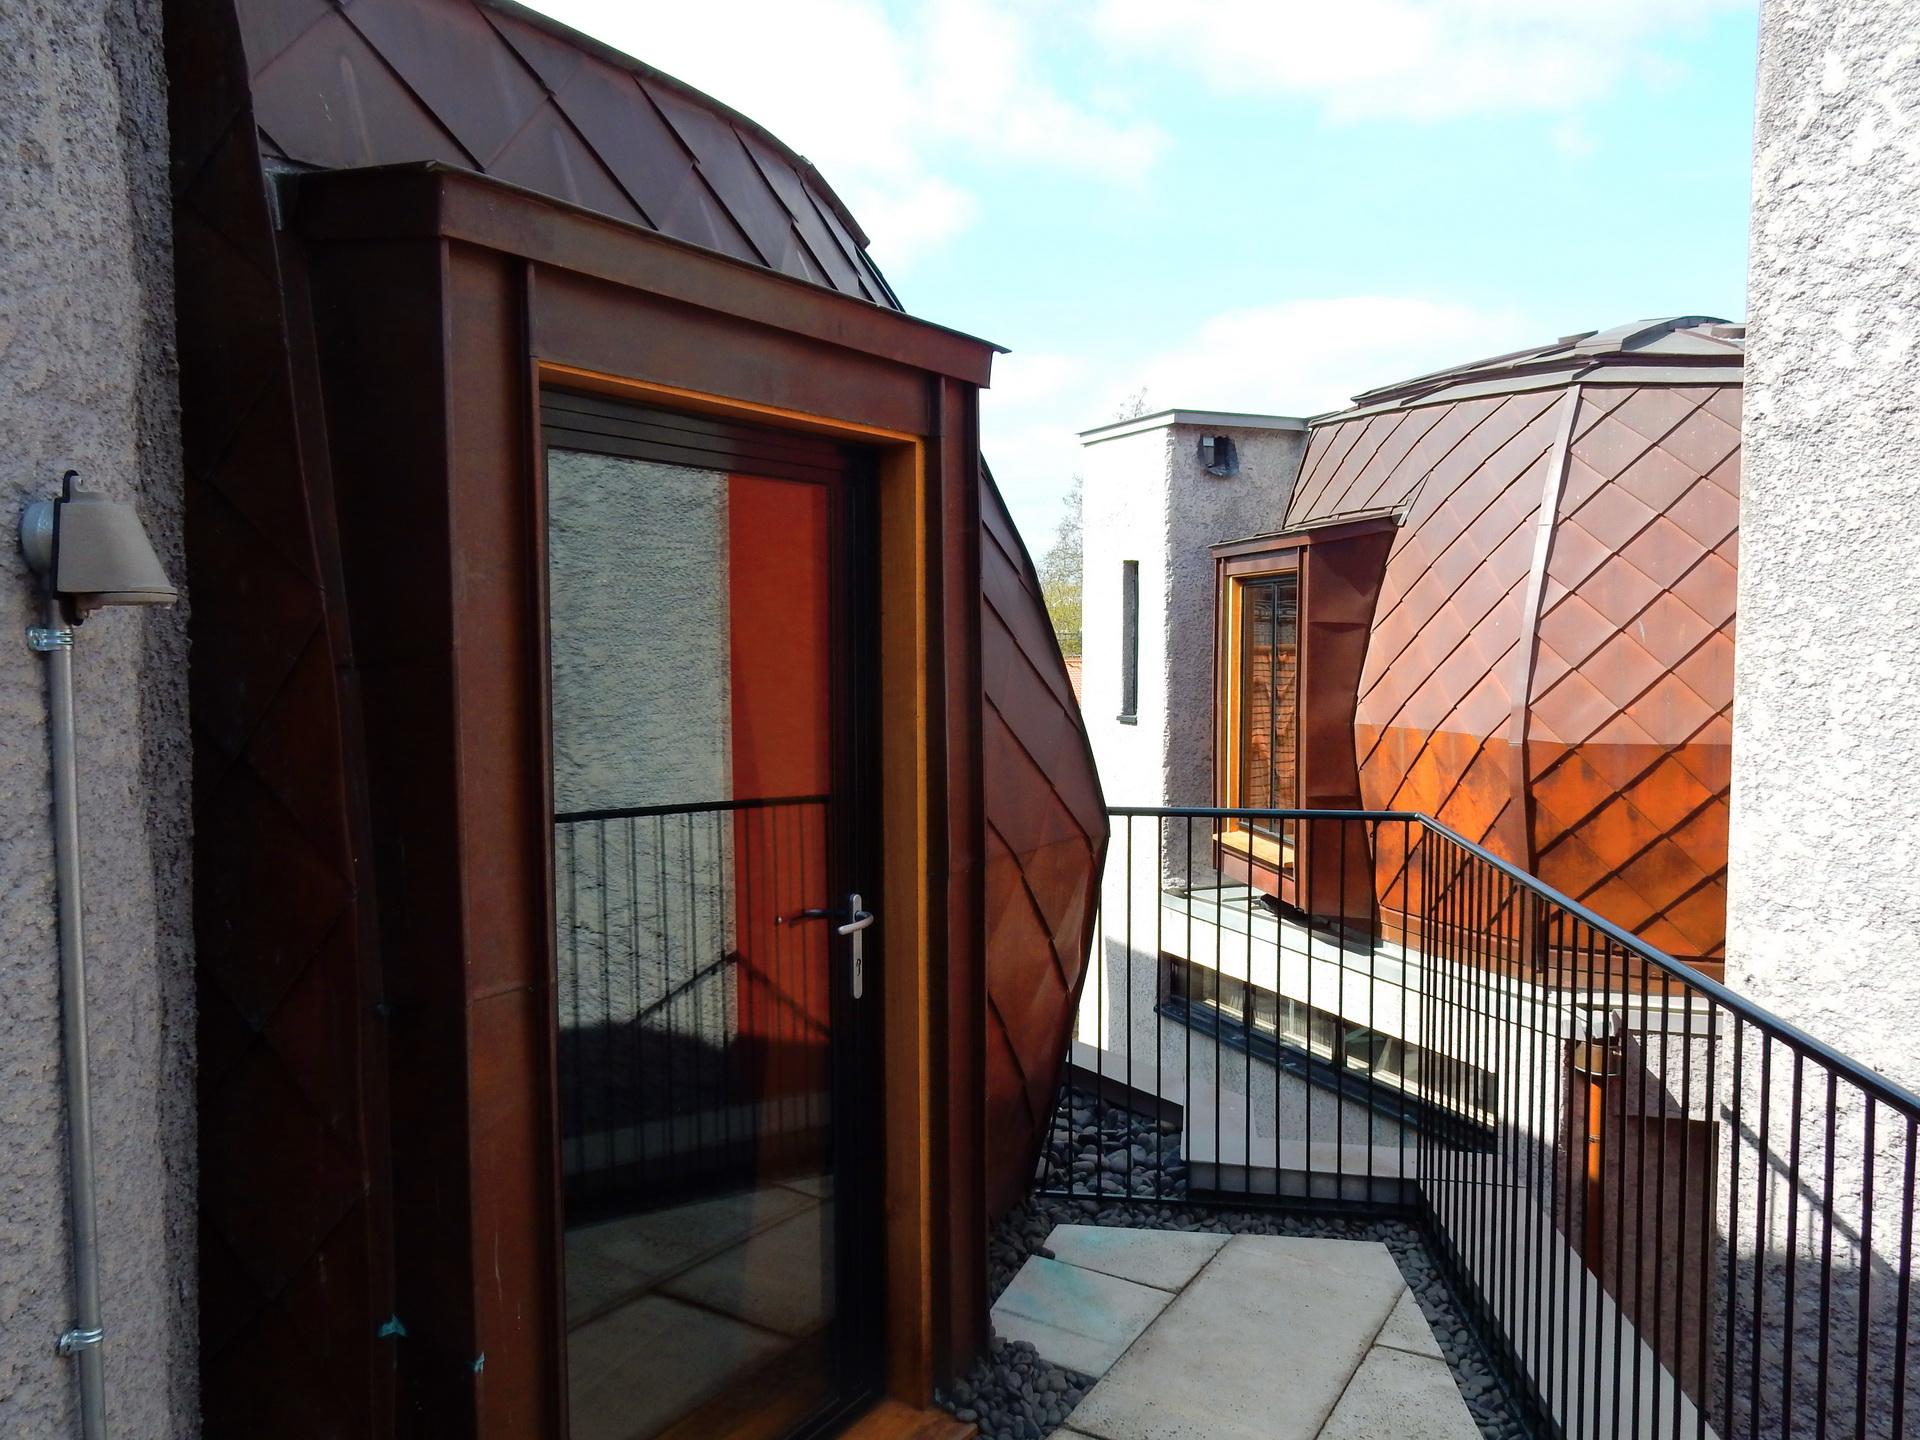 Walmer Yard Notting Hill Exterior Wooden House Ltd